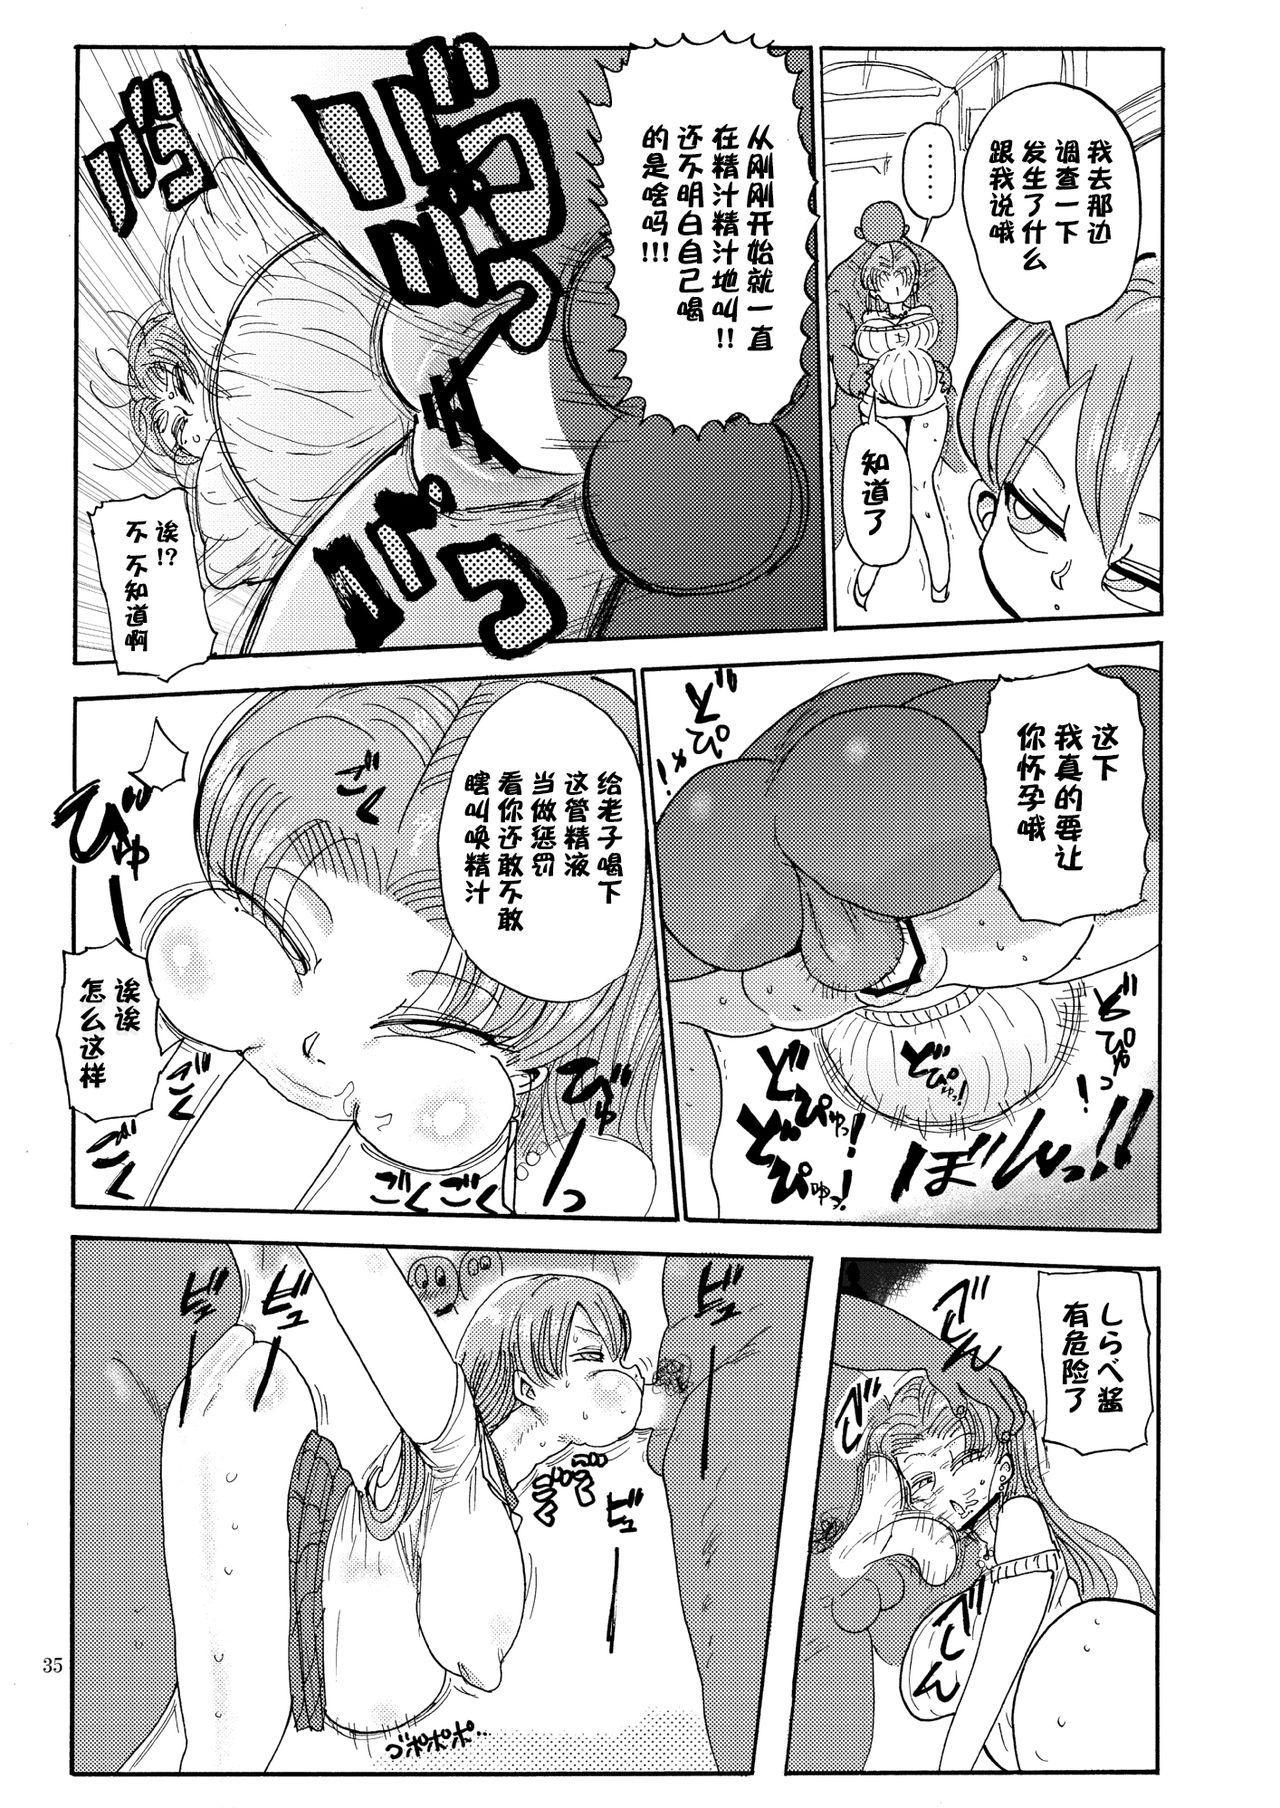 Nandemo Chousa Shoujo no Doujinshi ga Deta? Wakarimashita Chousa Shimasu 34